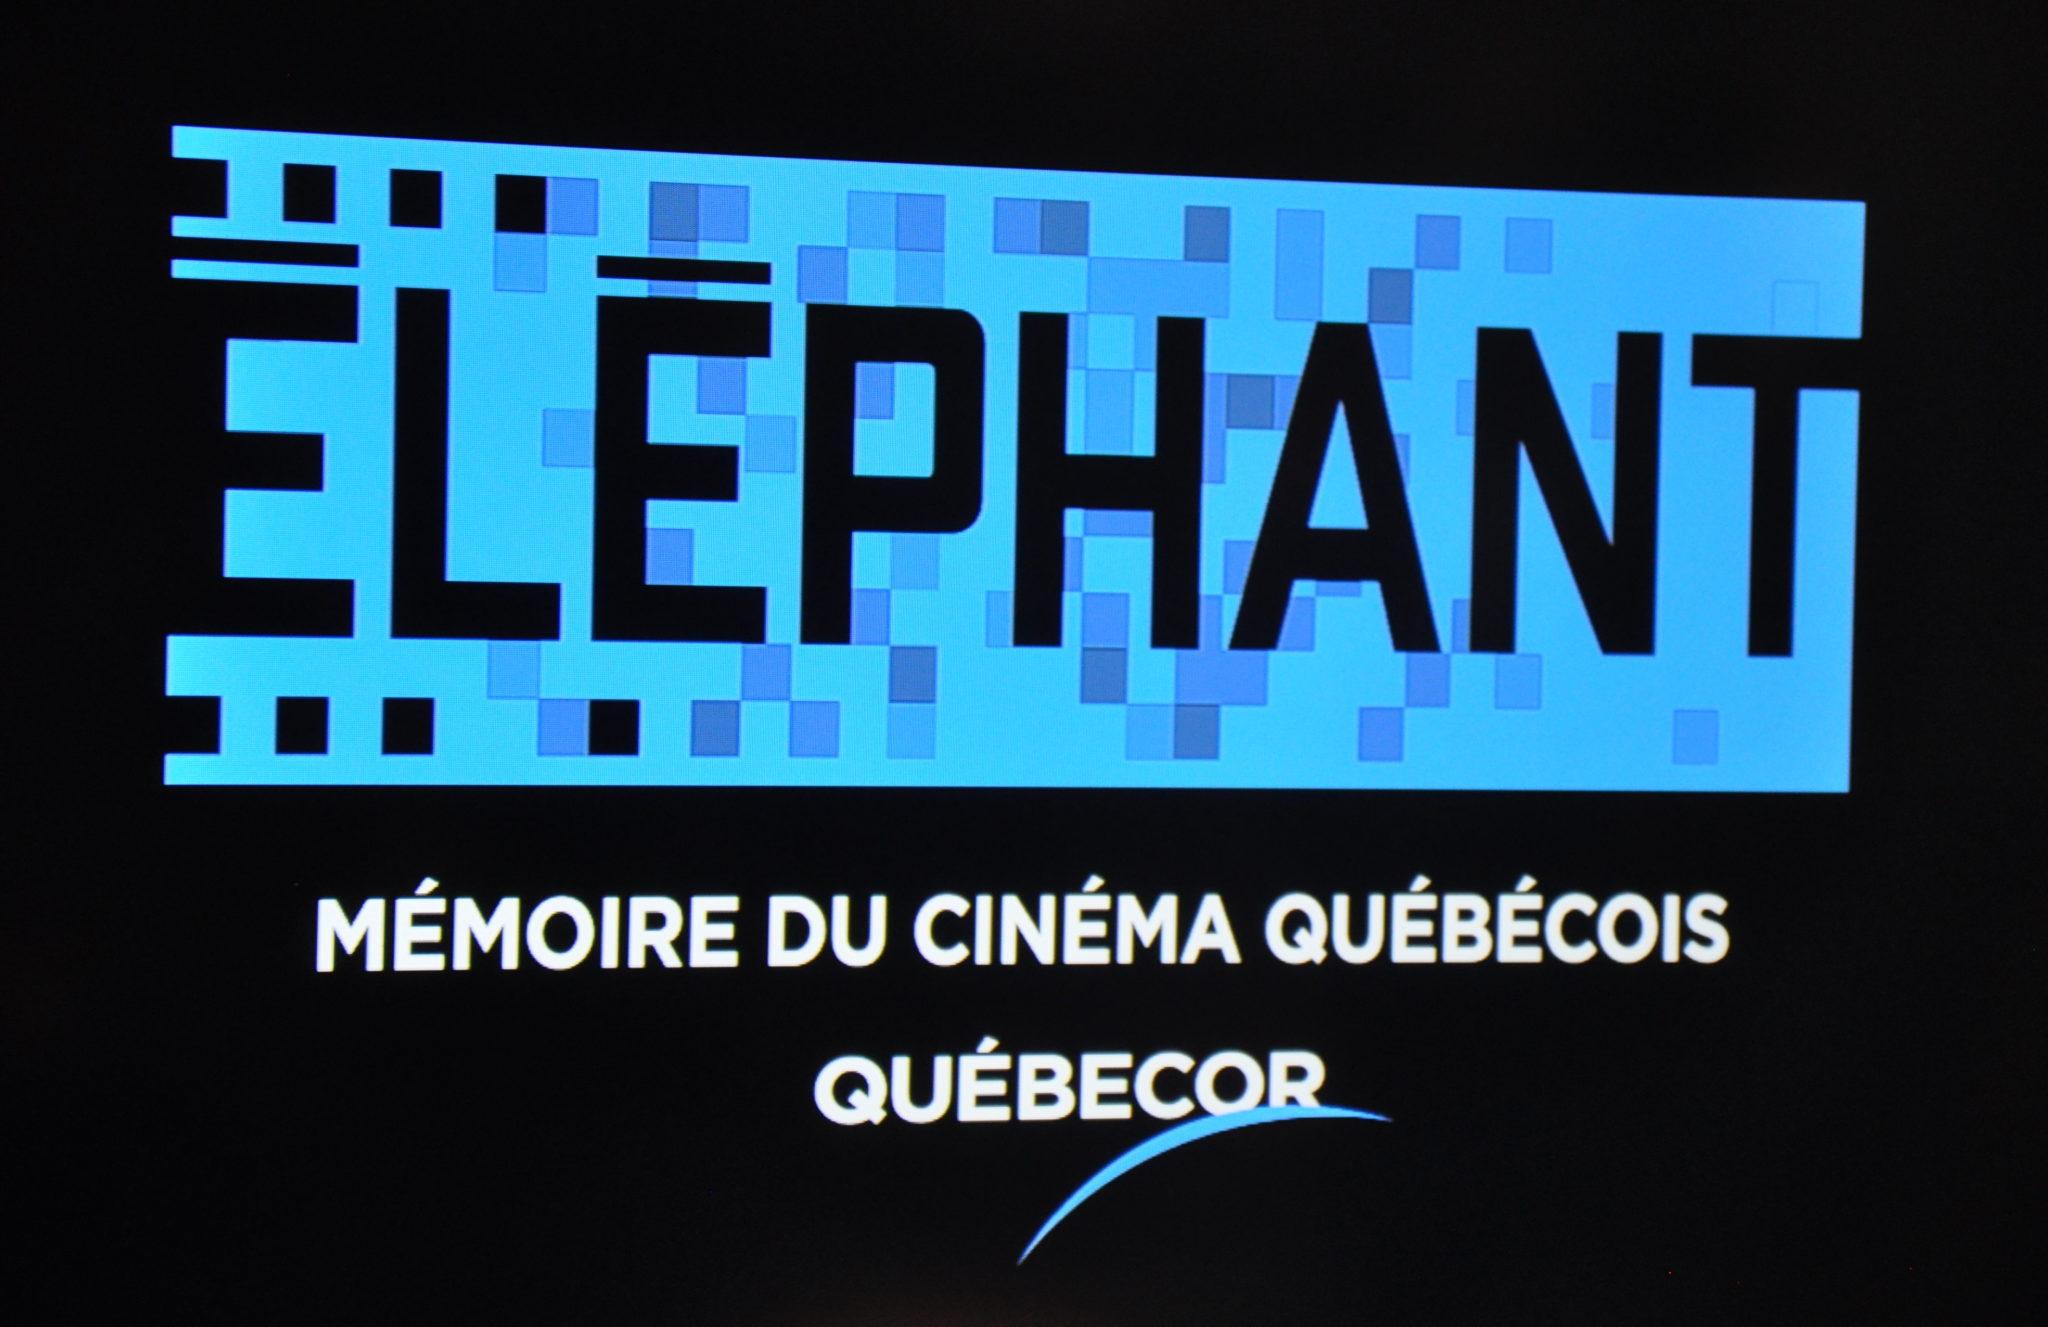 Éléphant : mémoire du cinéma québécois présente Valérie et Post mortem au Festival de cinéma de la ville de Québe